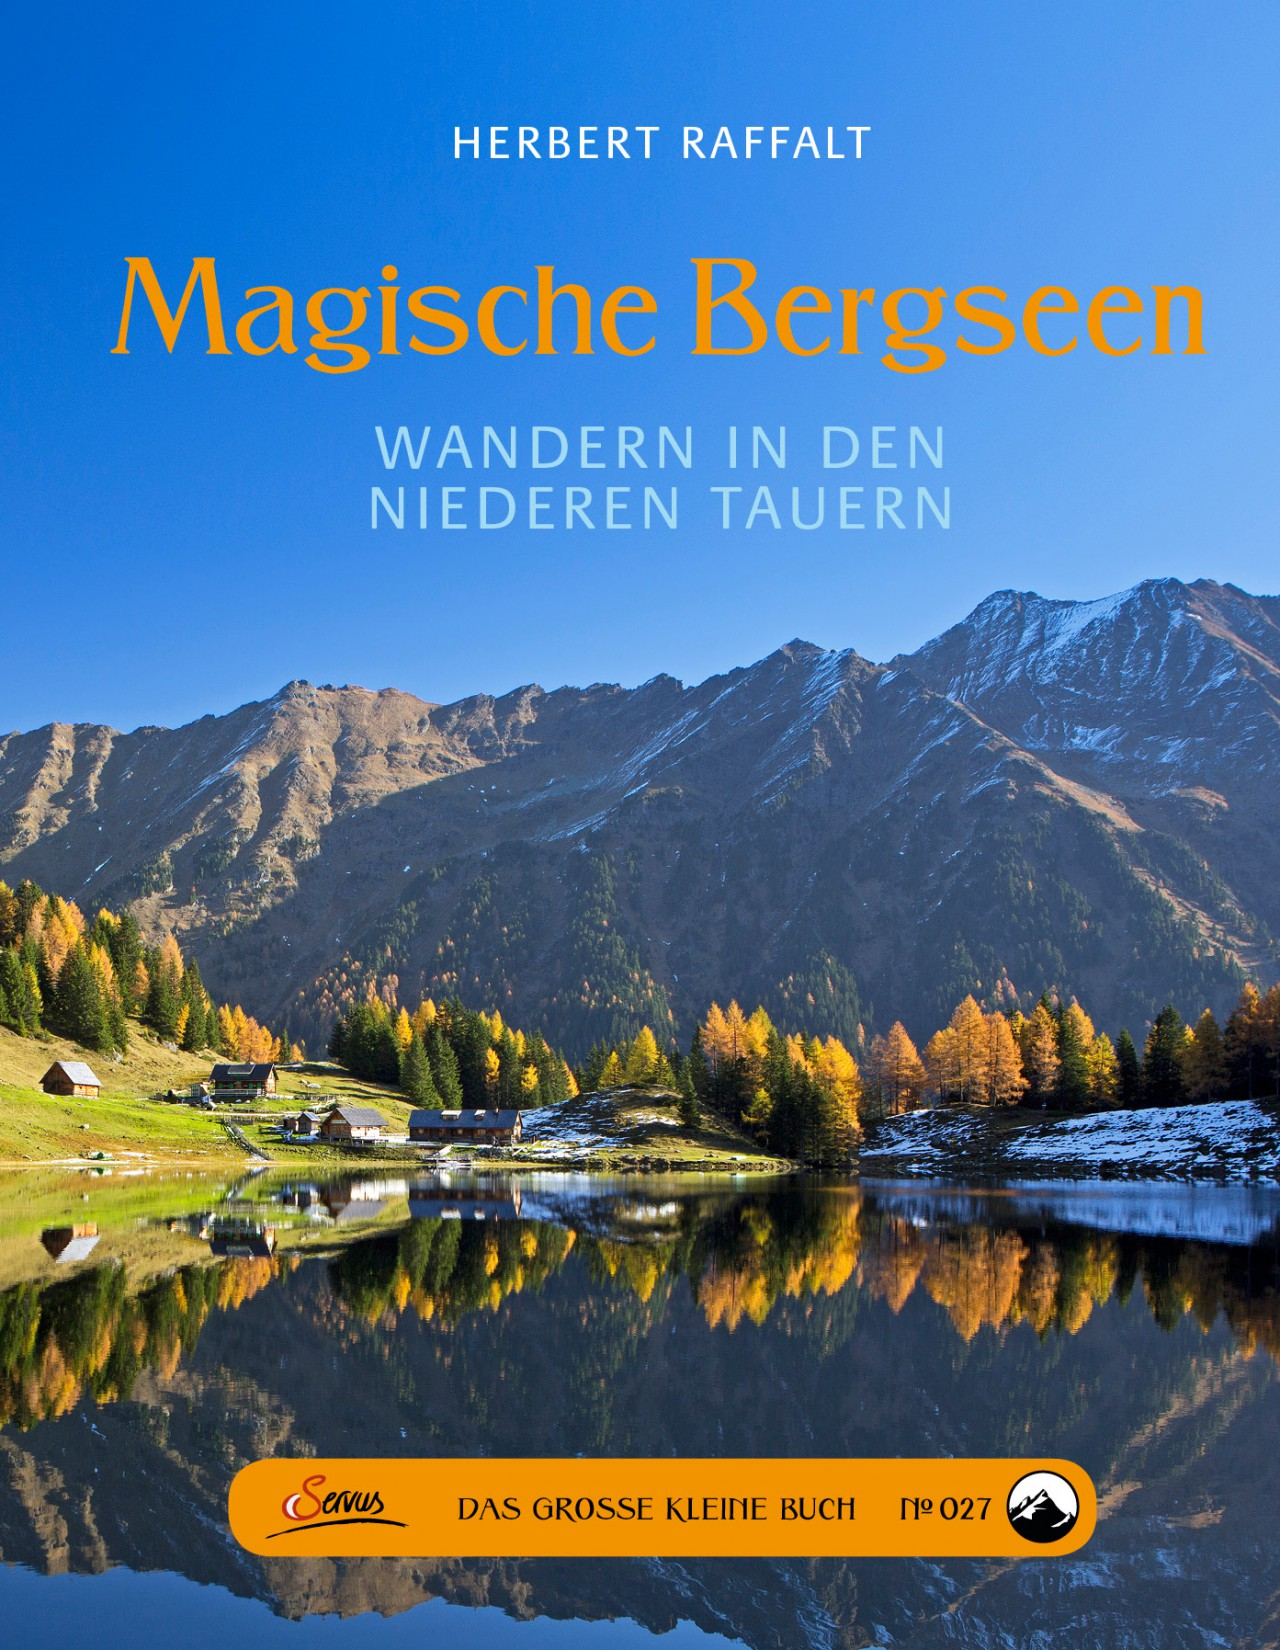 Magische Bergseen - Wandern in den Niederen Tauern